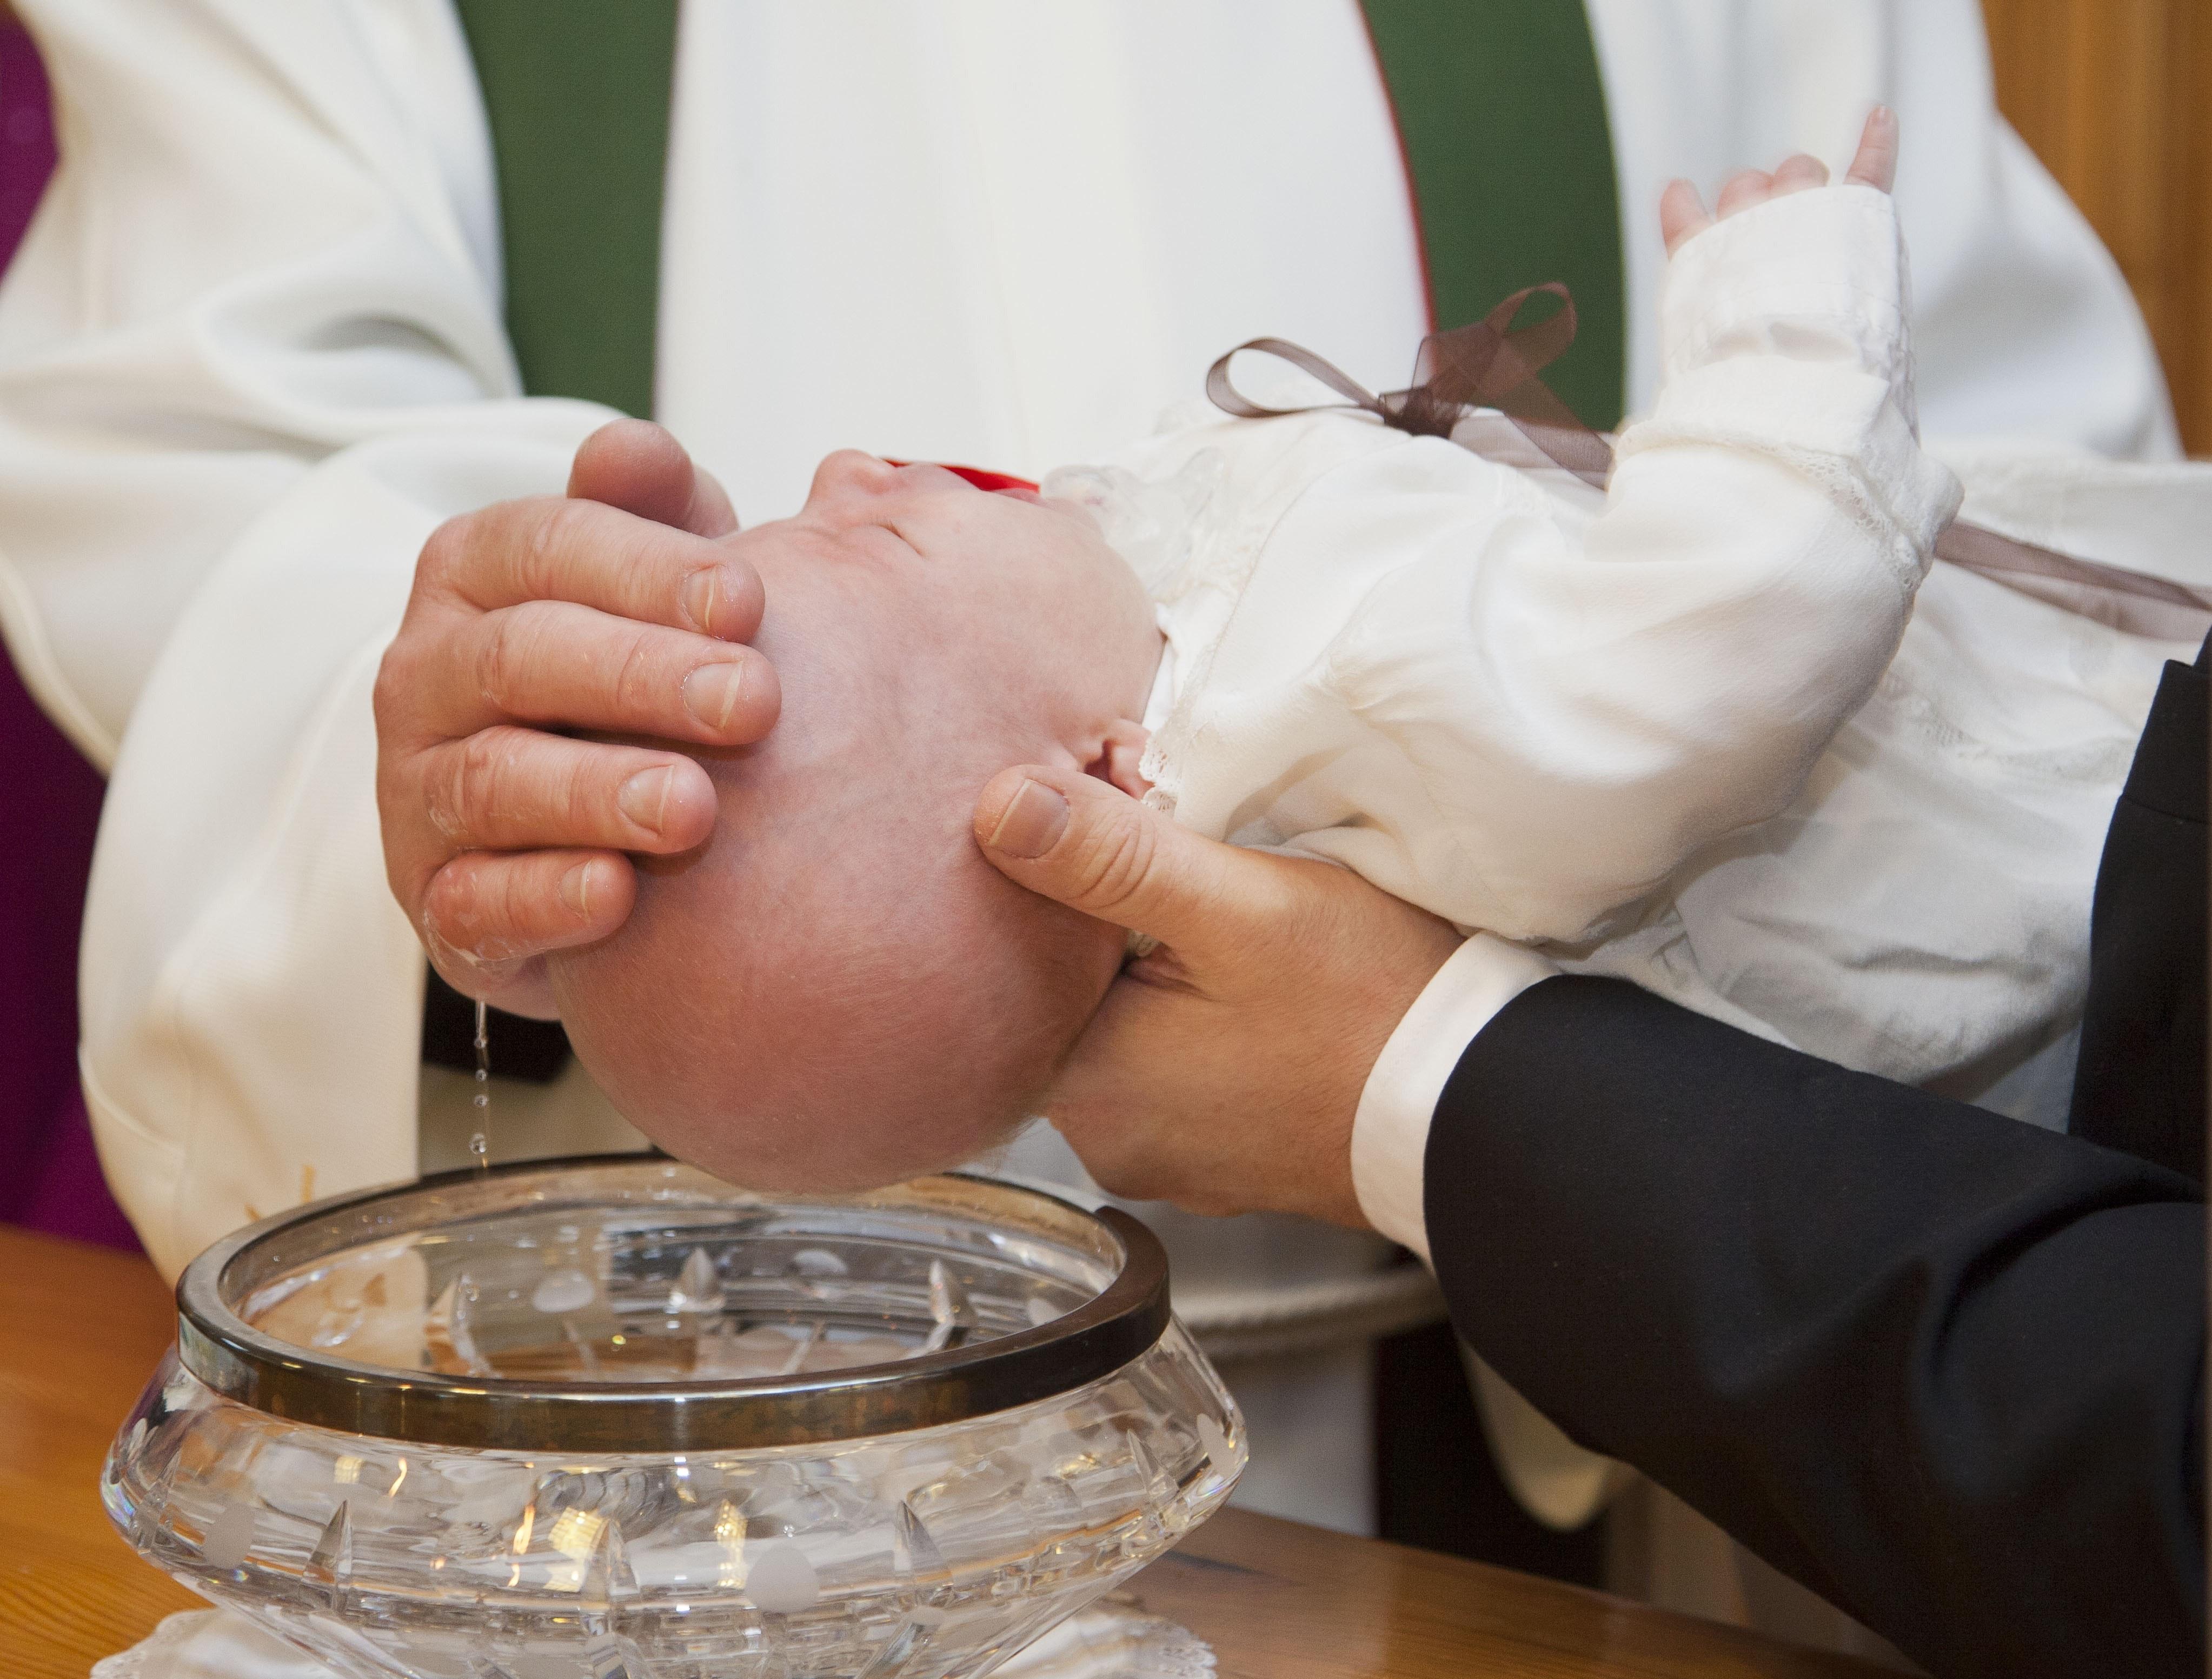 На фото изображен обряд крещения ребенка.